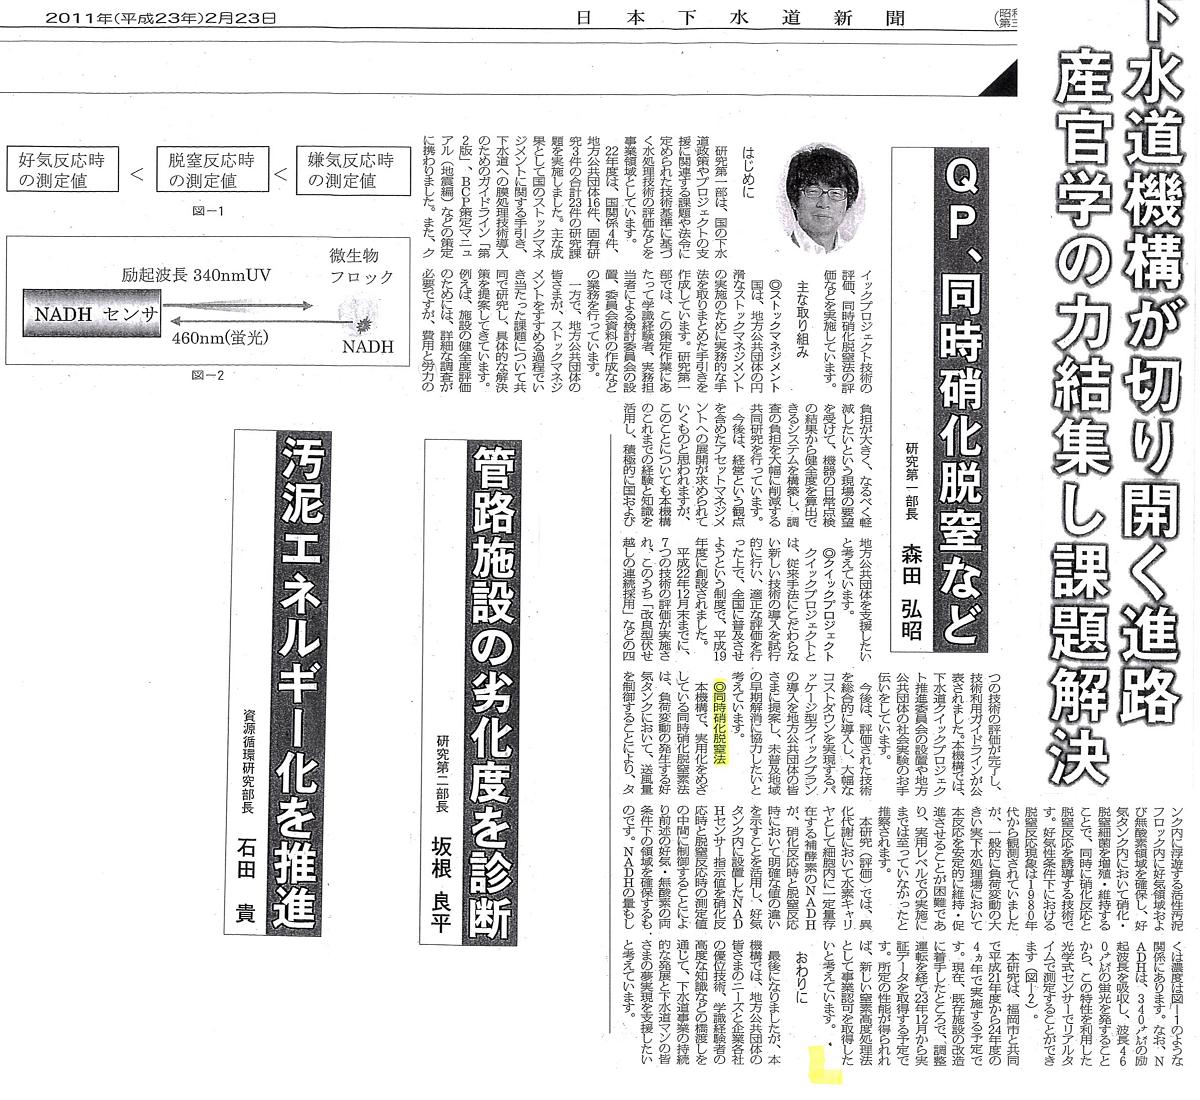 日本下水道新聞2011年2月23日